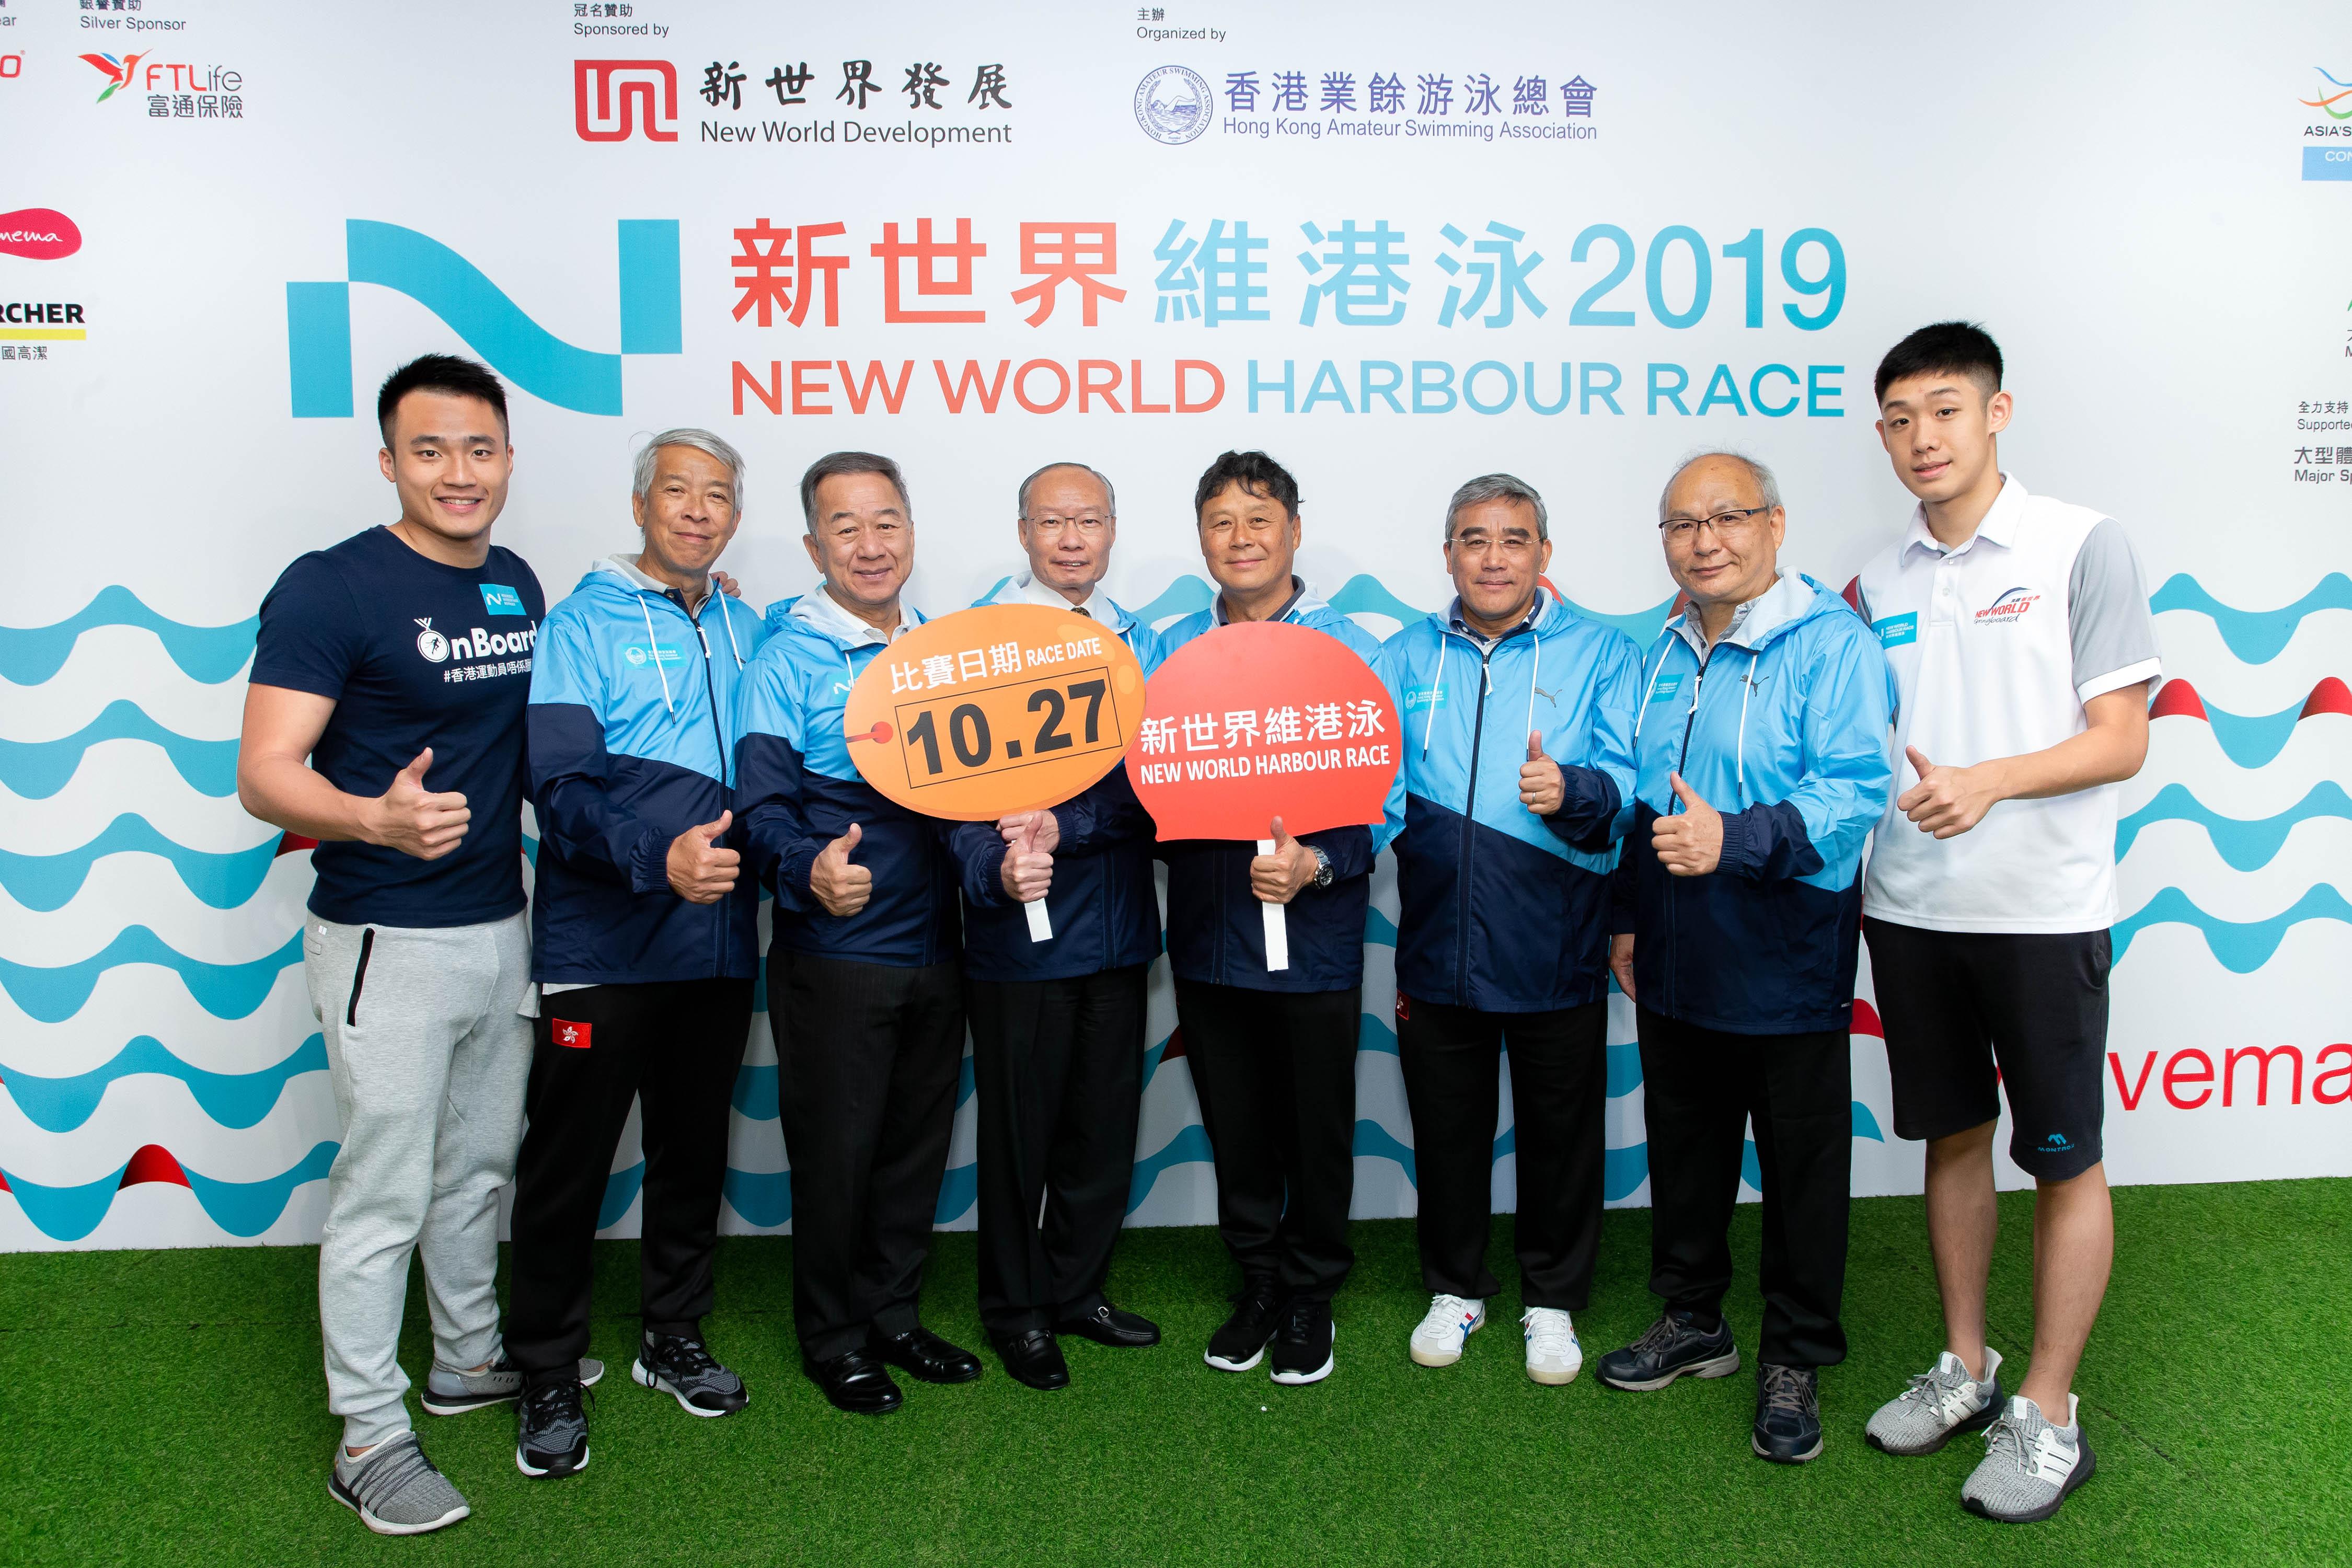 維港泳將在十月二十七日舉行,參賽名額將增至四千個。相片由公關提供